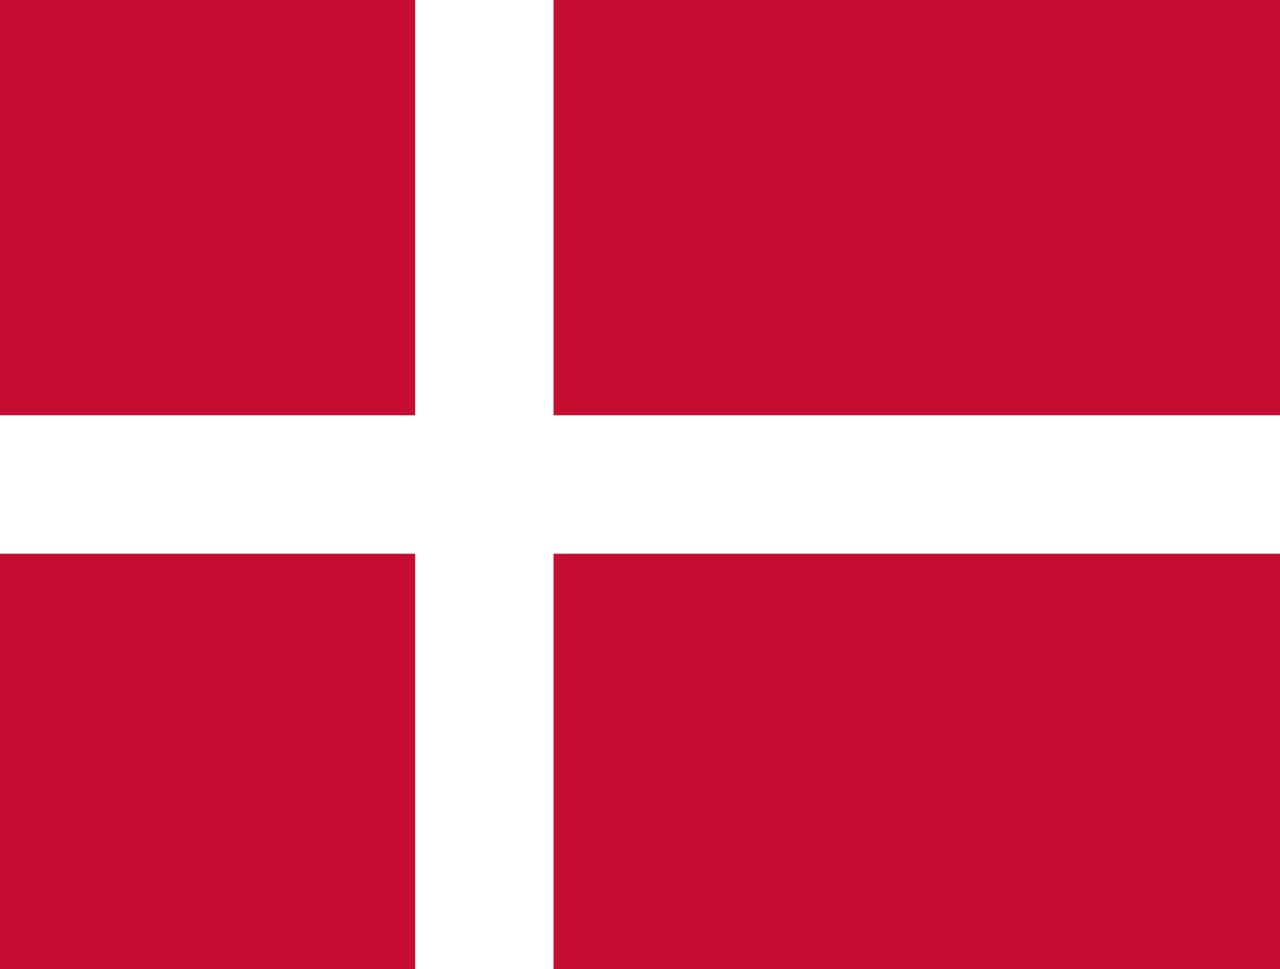 Celebrating our diversity! Denmark